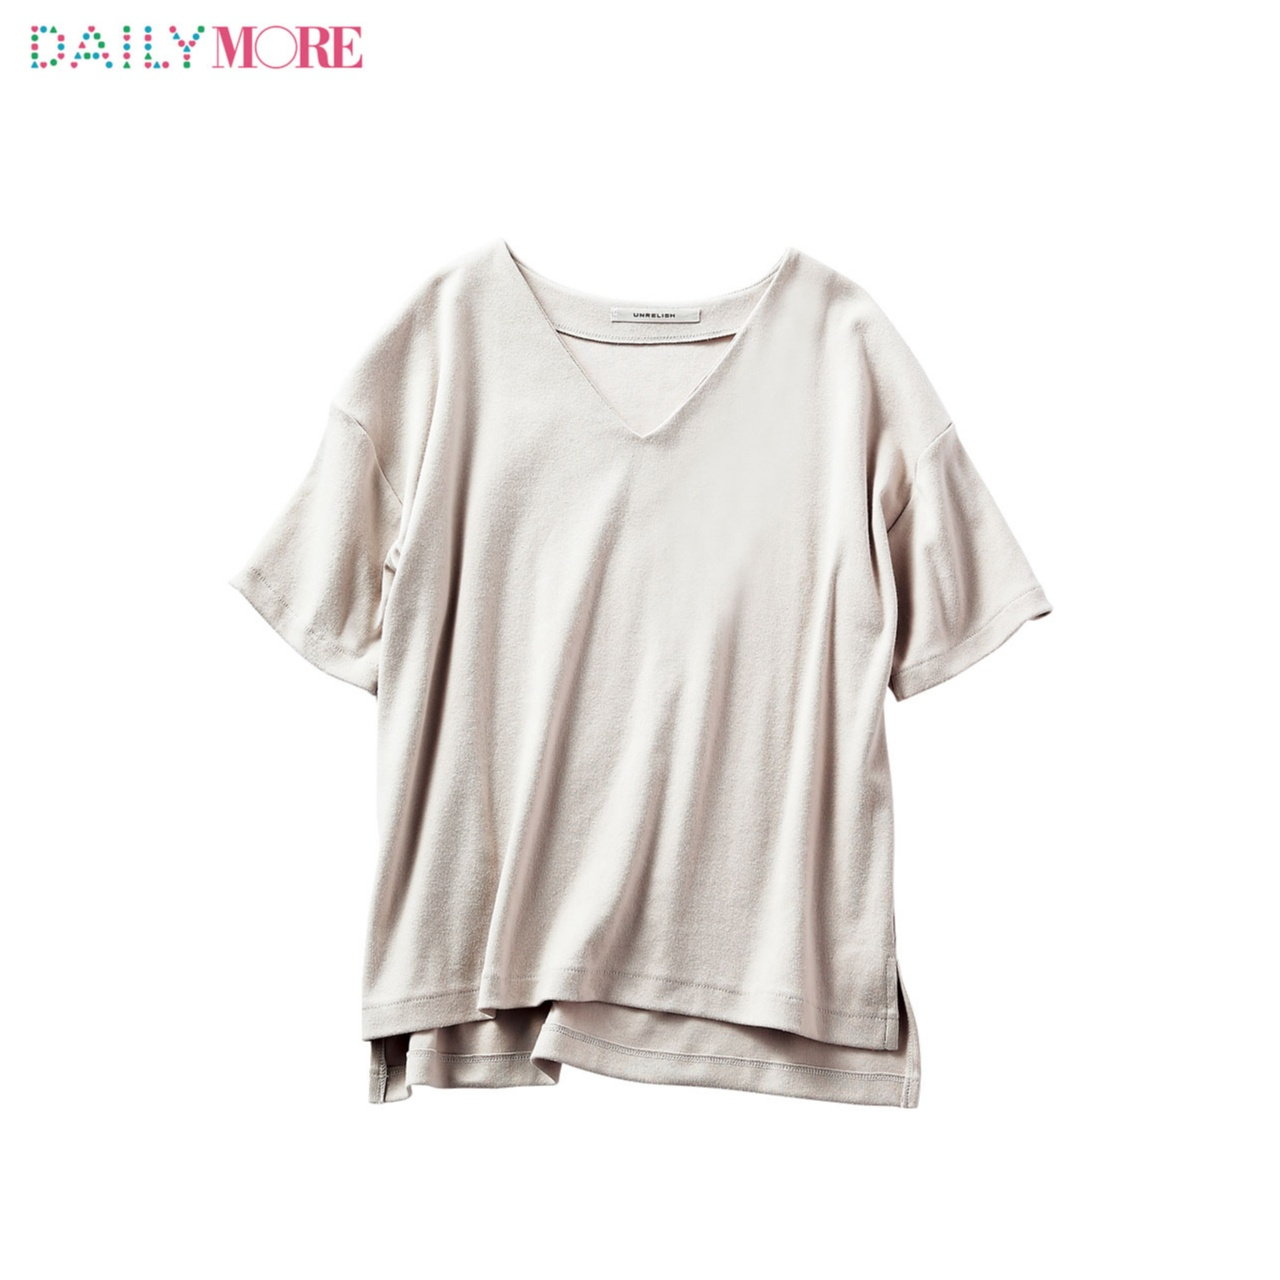 """Tシャツでお仕事行けちゃうの!? """"きちんと見え""""して旬もアピールできる「ベージュのTシャツ」で通勤しよ!_1"""